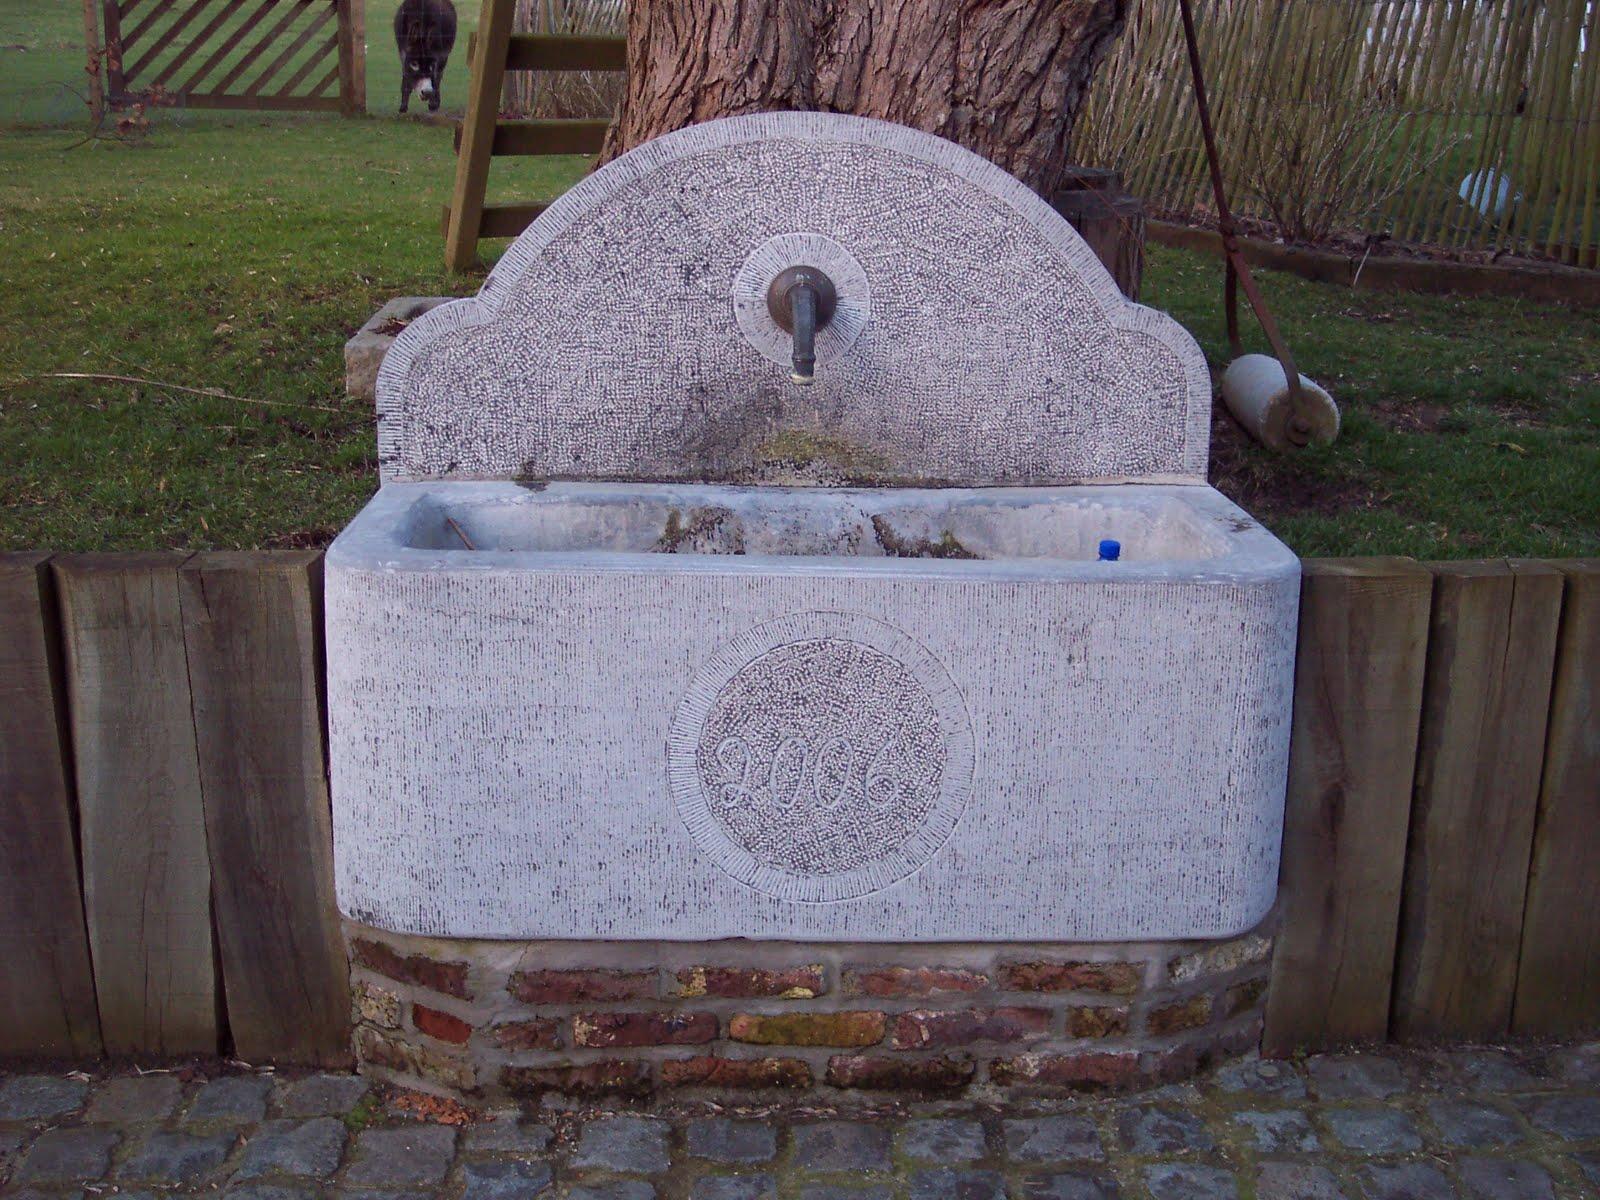 L 39 artisan tailleur de pierres naturelles fontaine en pierre bleue massiv - Fontaine en pierre bleue ...